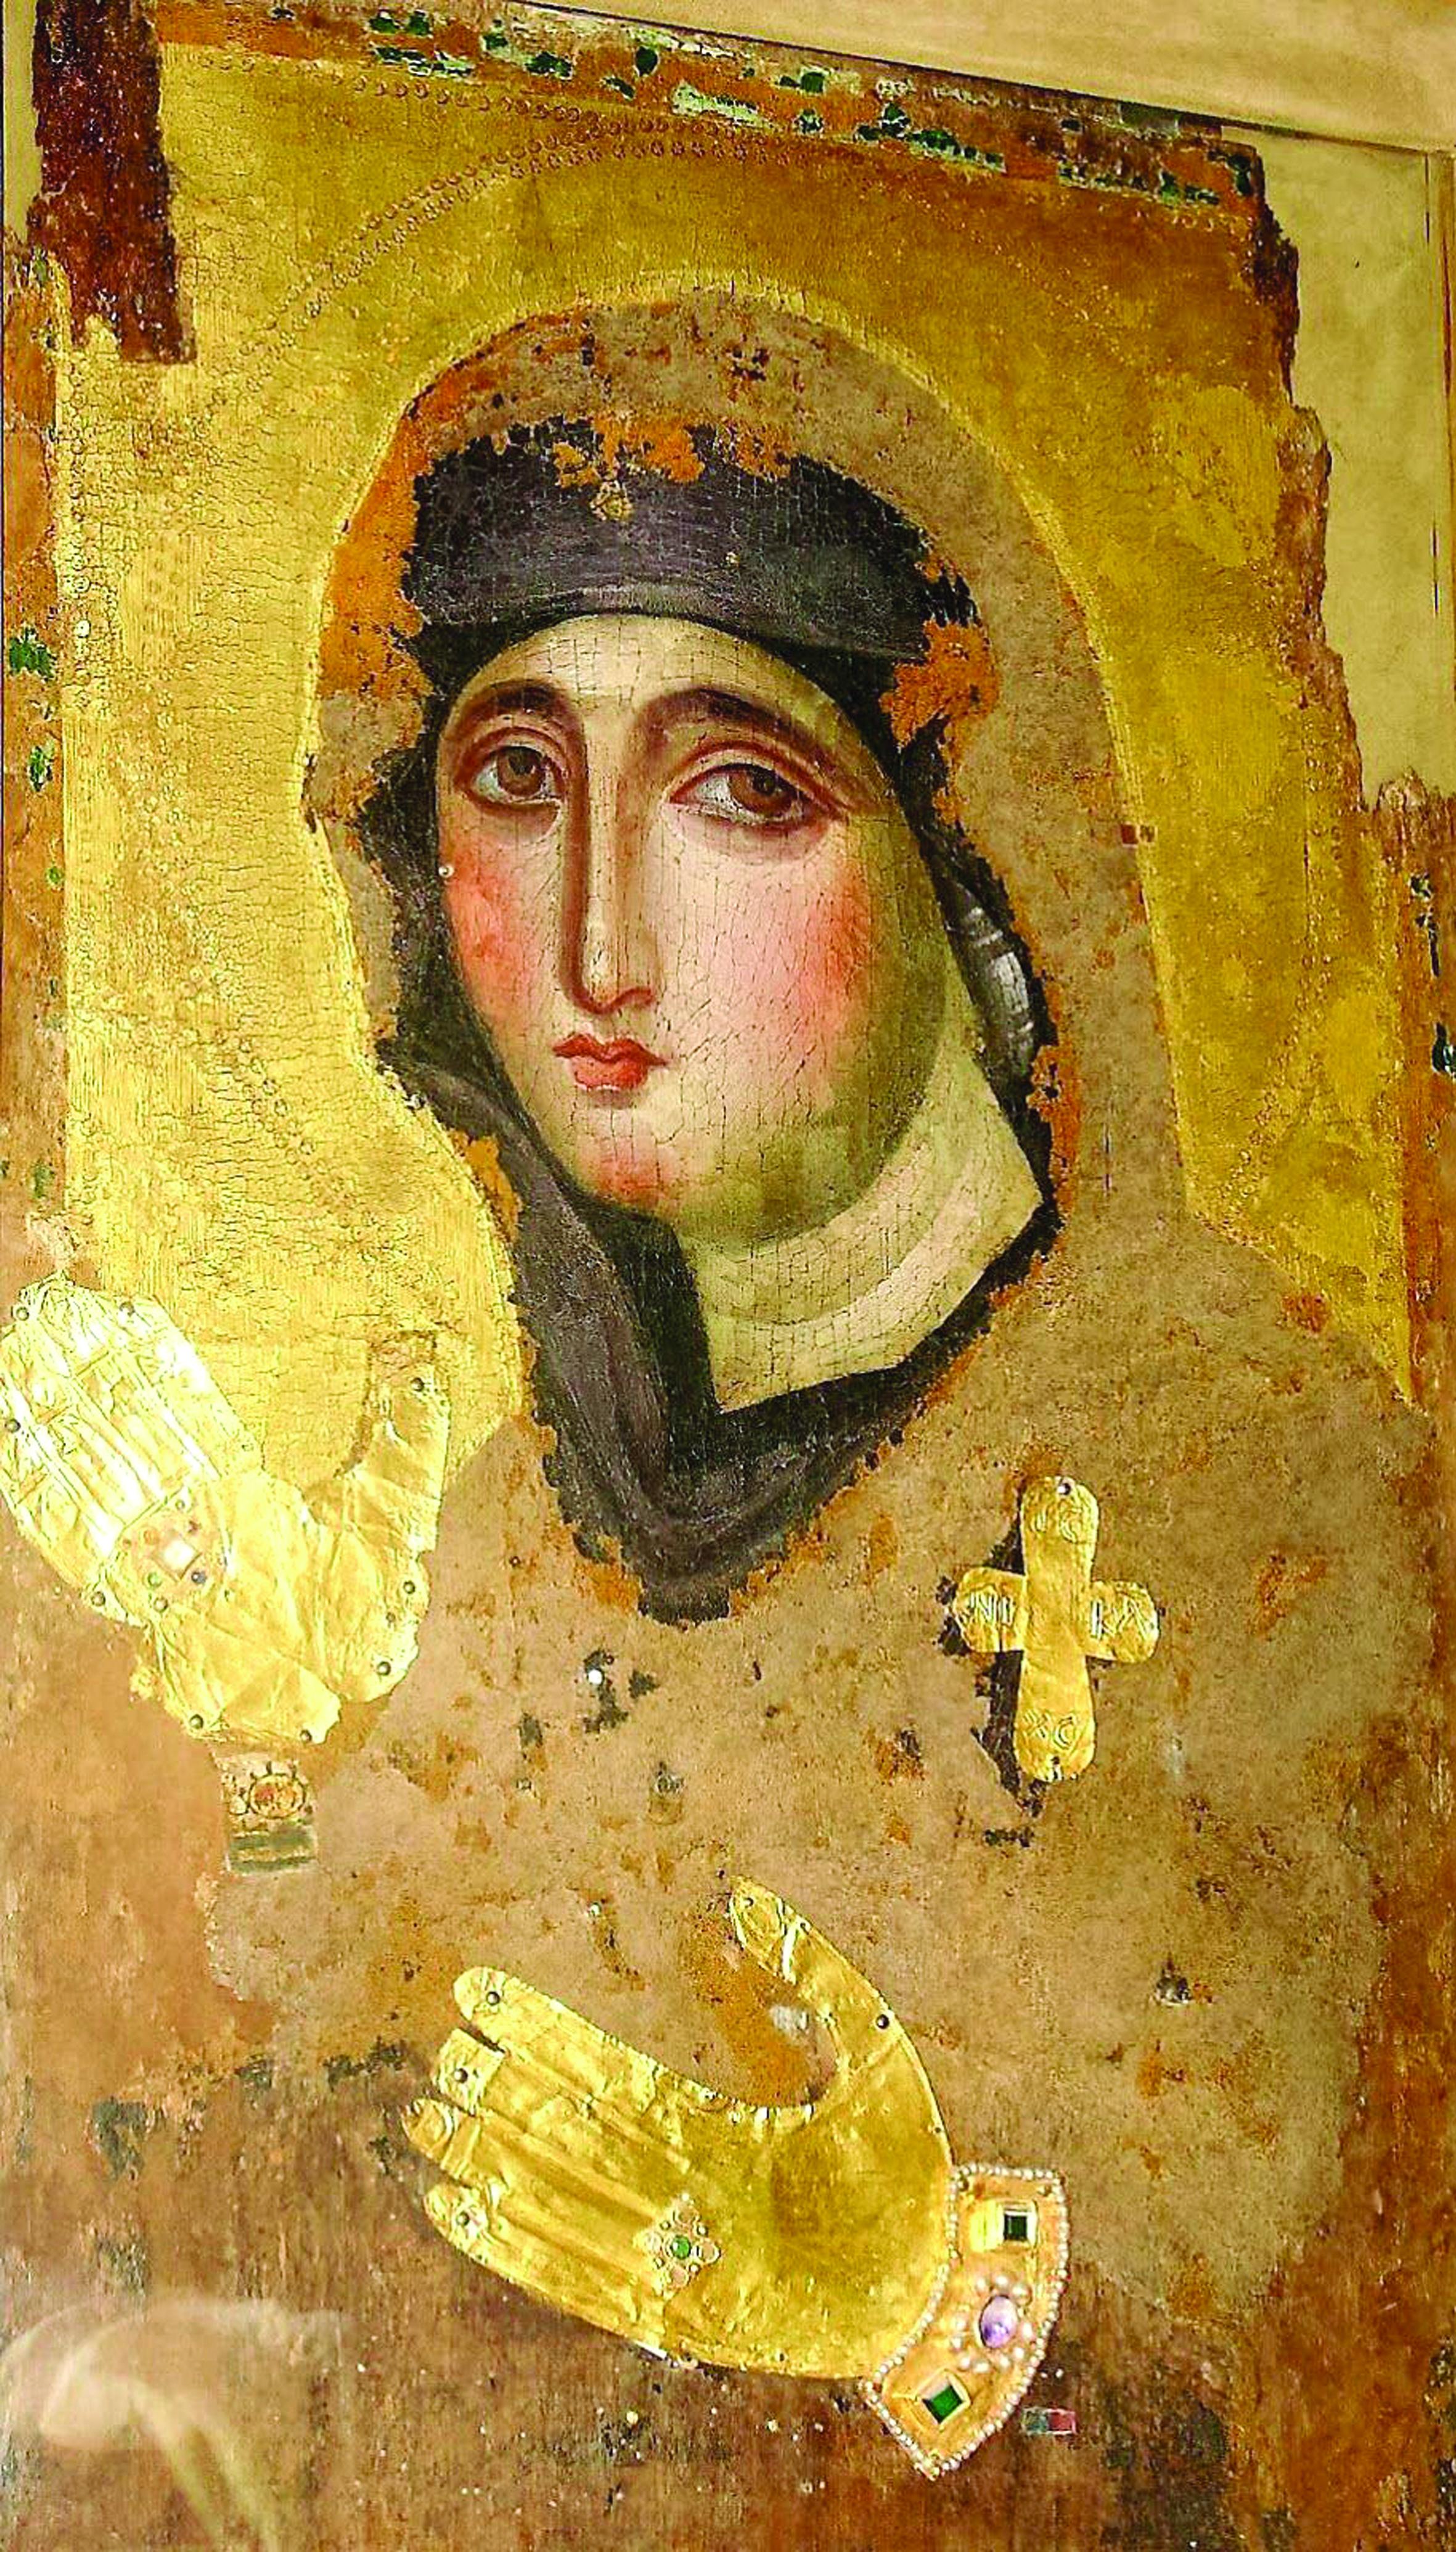 9 tranh ảnh cổ xưa về Ðức Mẹ - 7